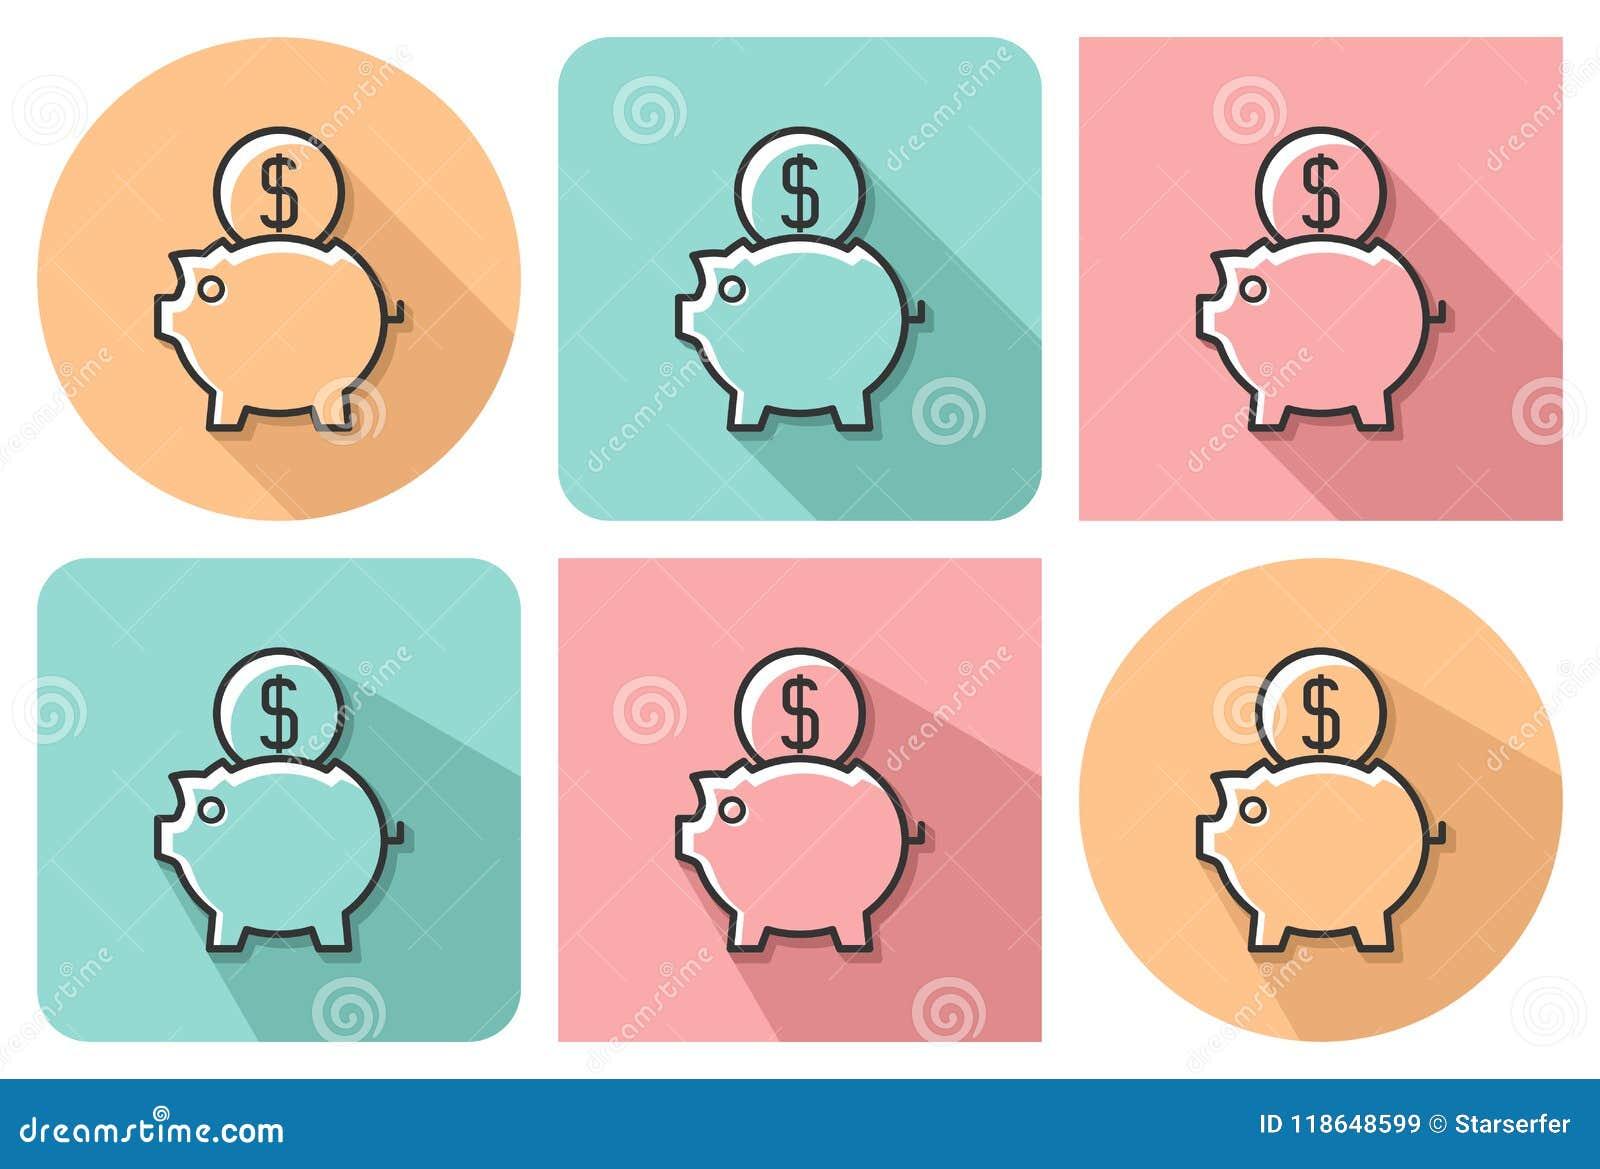 Umrissene Ikone von Sparschwein